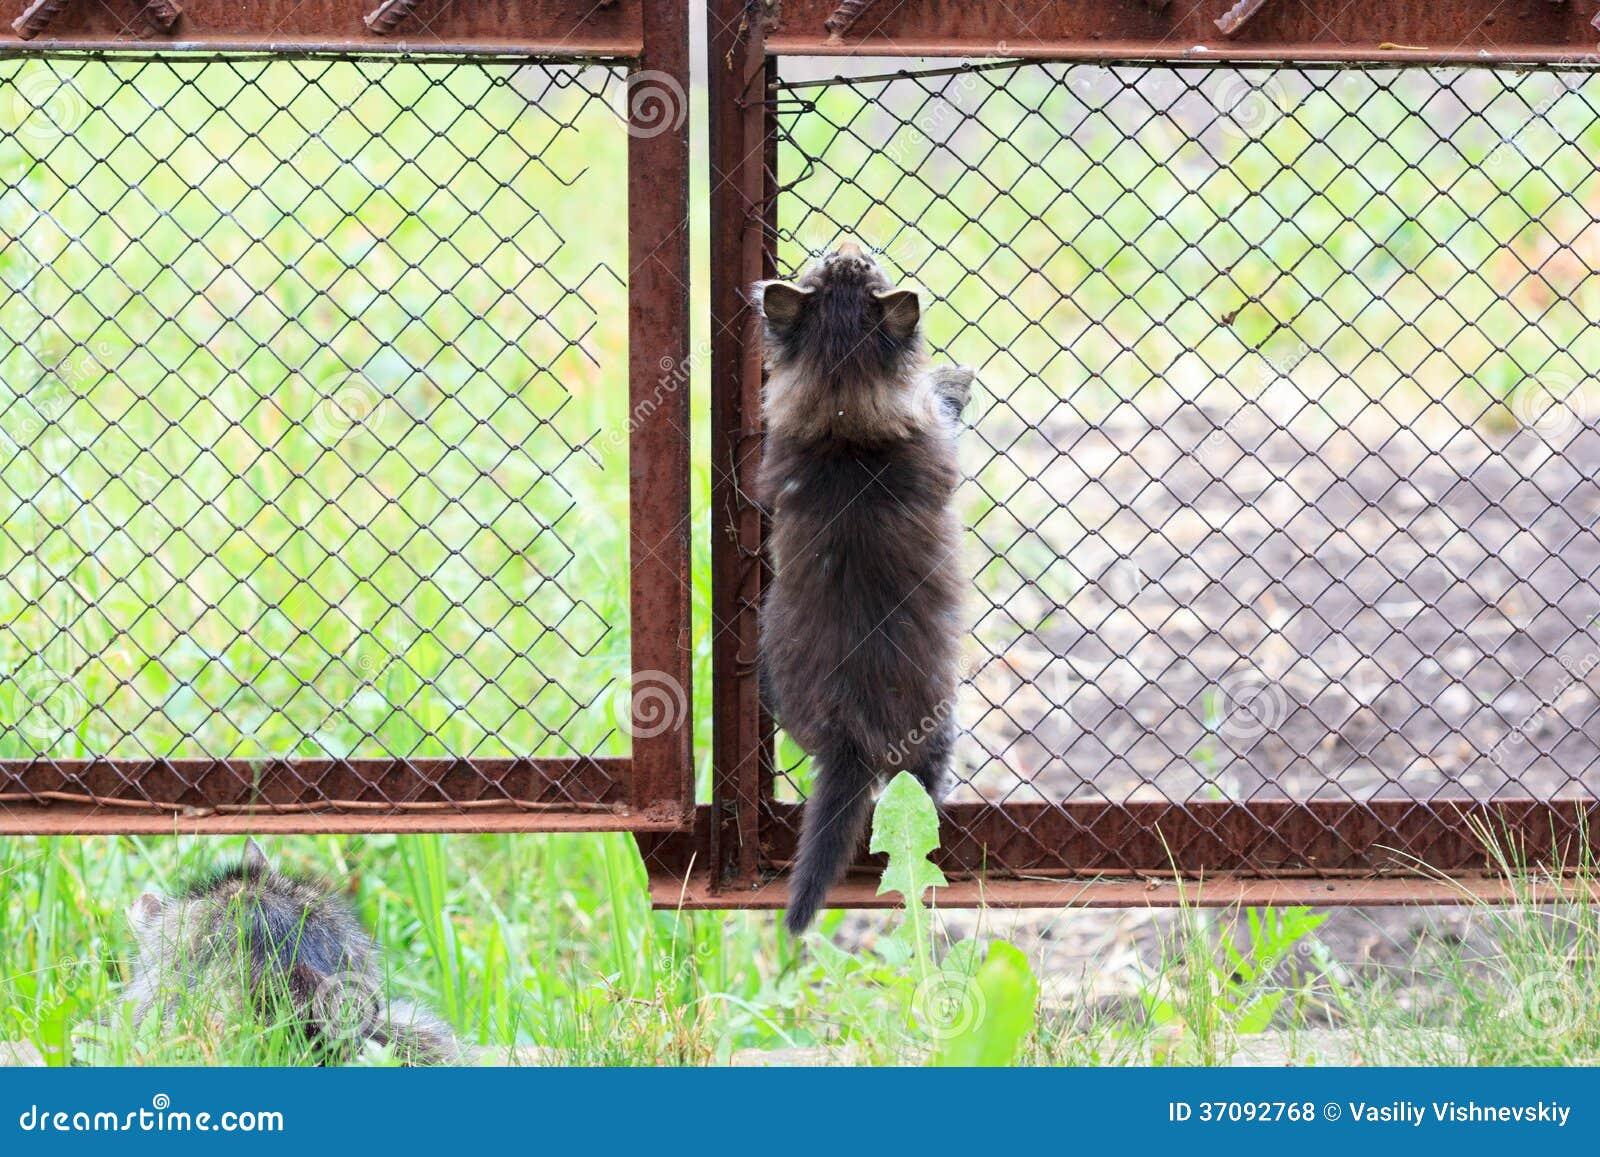 Download Kot. zdjęcie stock. Obraz złożonej z zwierzę, mały, domowy - 37092768